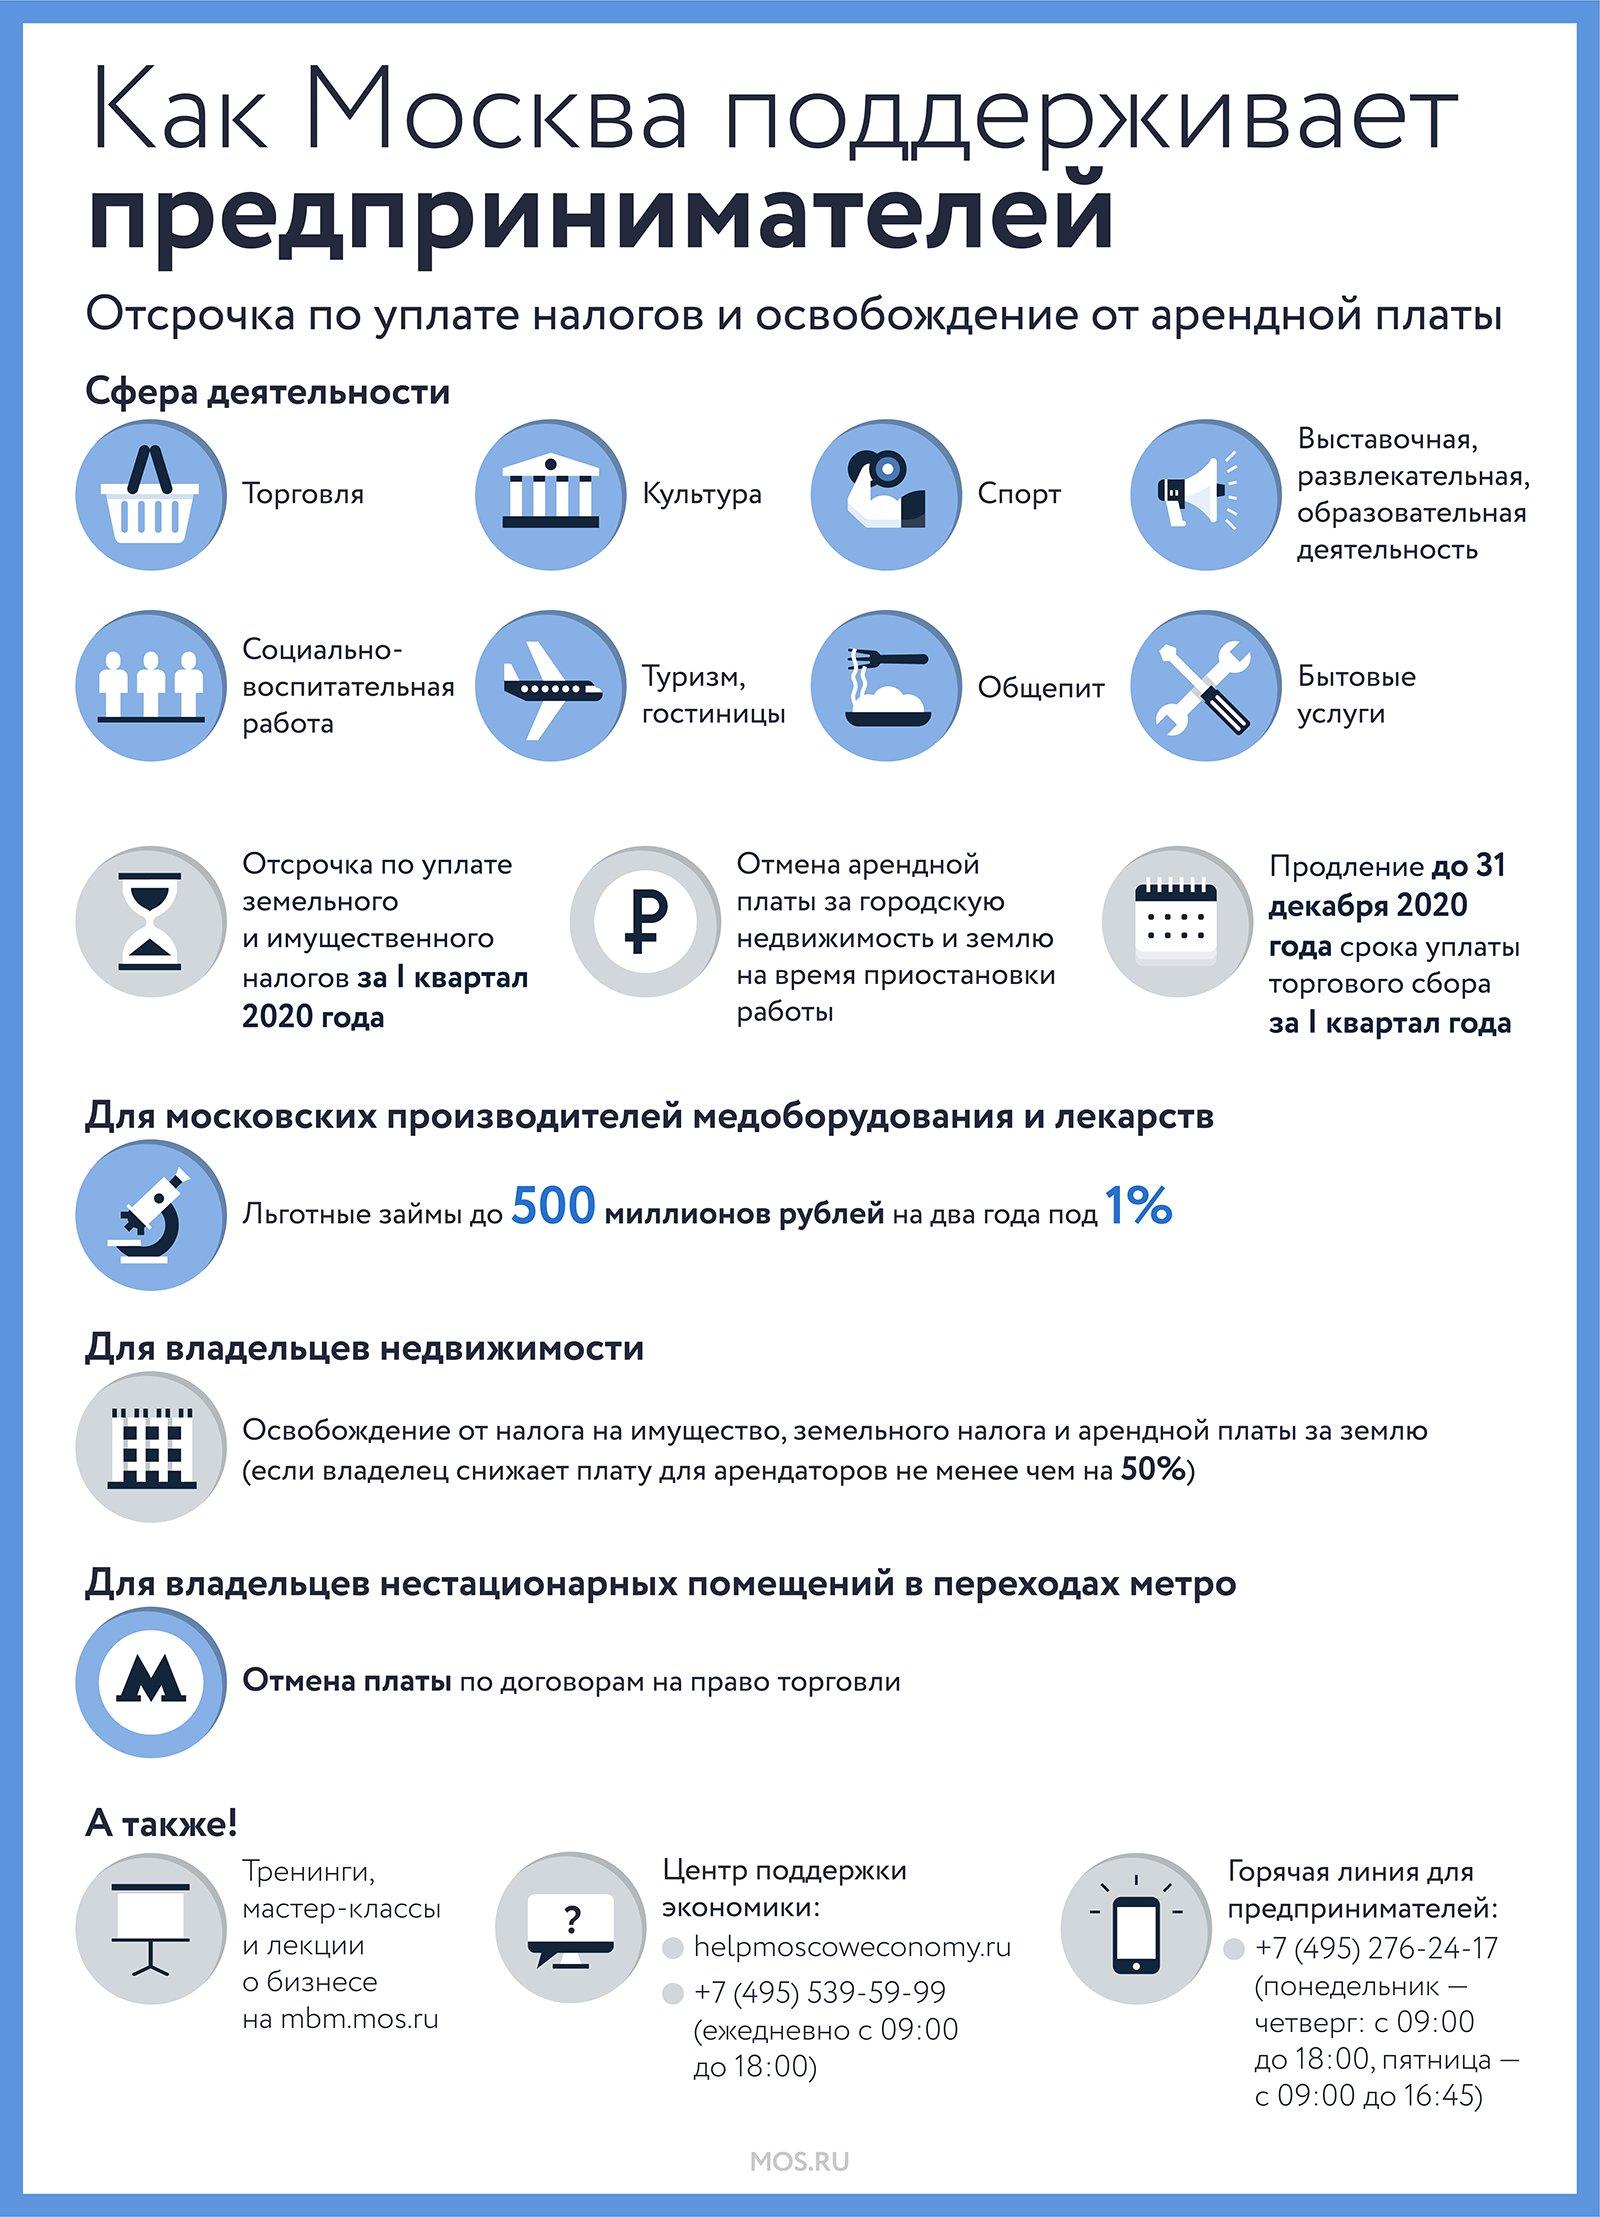 Гранты и субсидии: как Москва поддерживает бизнес